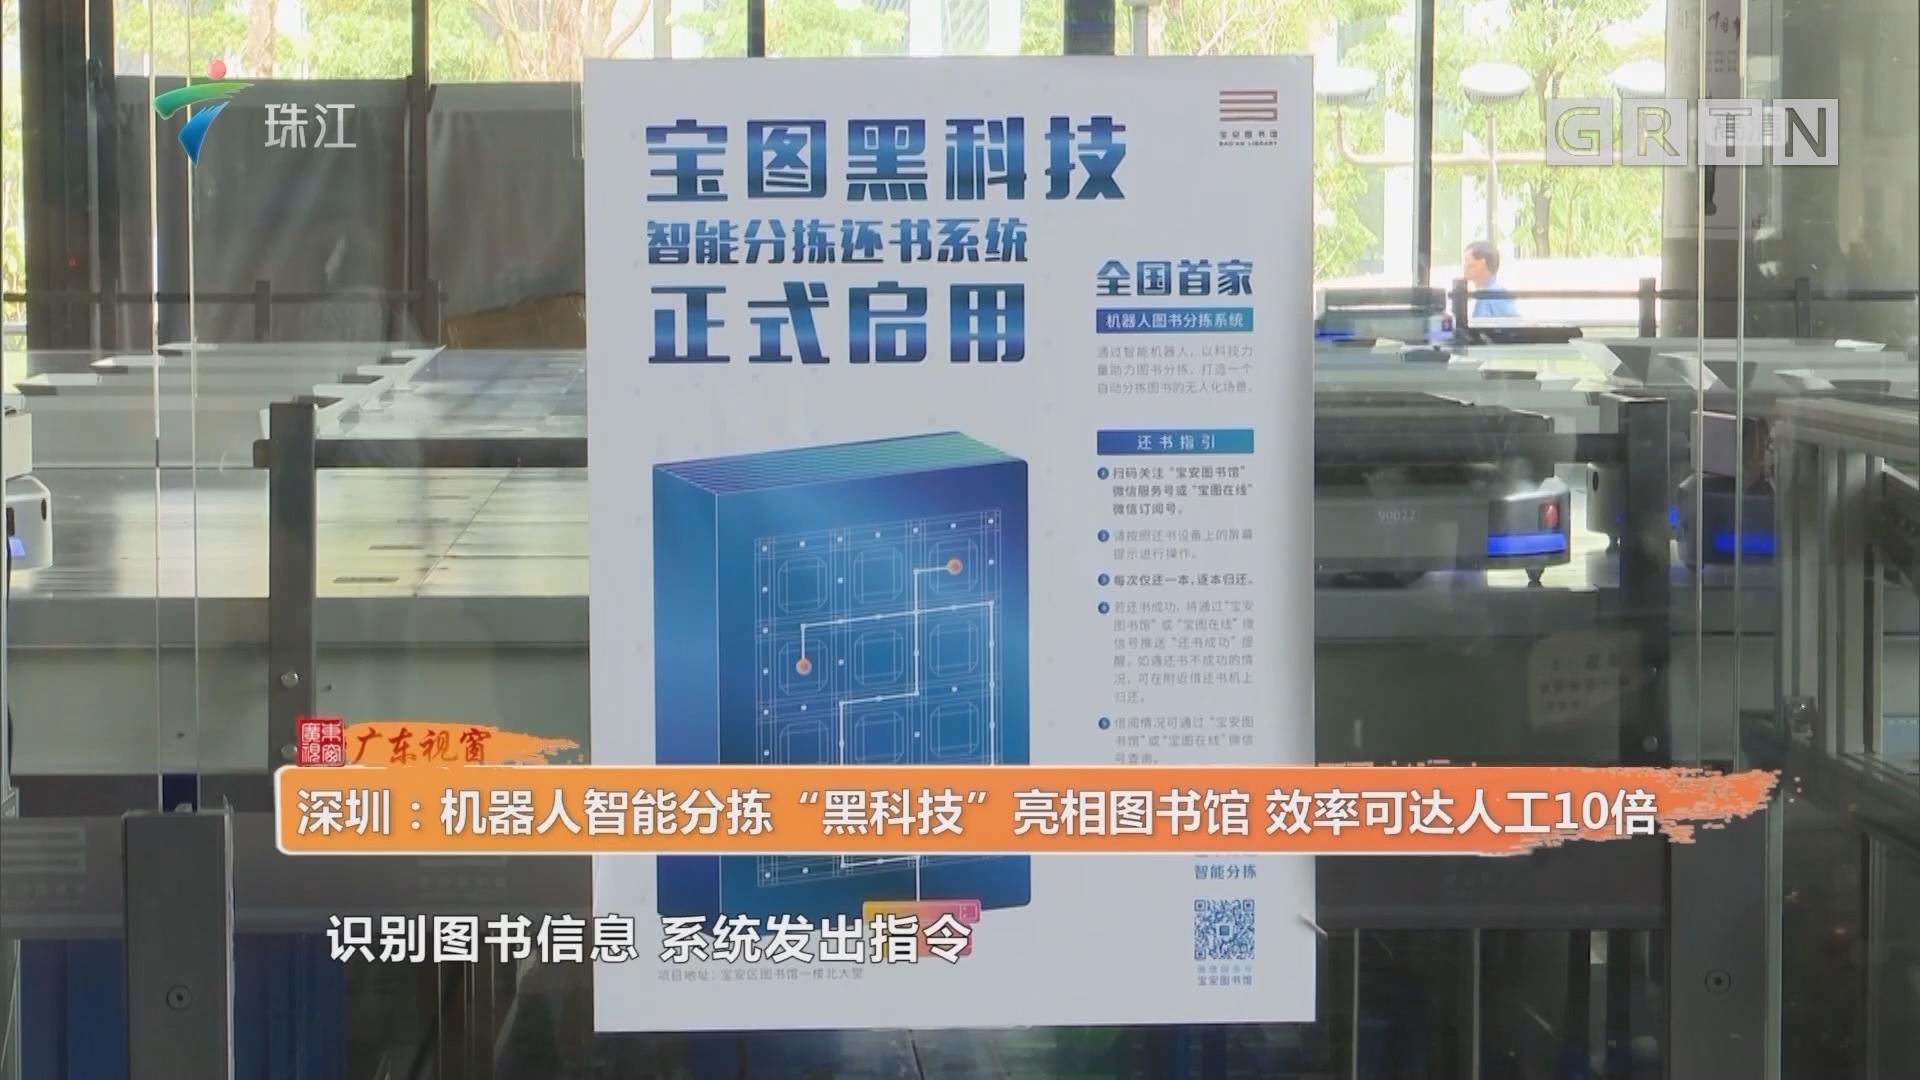 """深圳:机器人智能分拣""""黑科技""""亮相图书馆 效率可达人工10倍"""